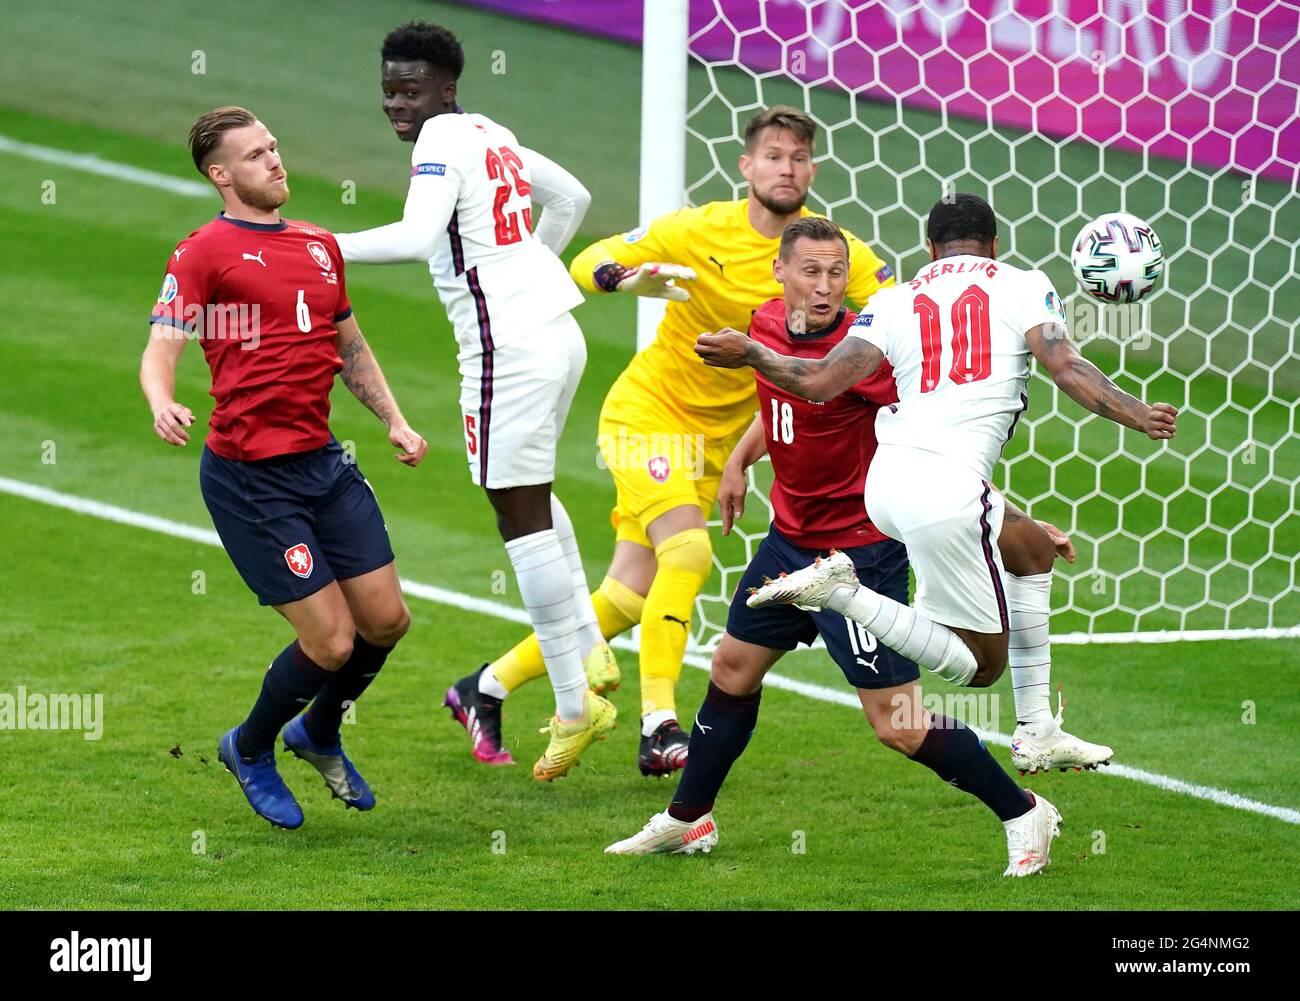 Il Raheem Sterling (a destra) dell'Inghilterra segna il primo gol della partita durante la partita UEFA Euro 2020 Group D al Wembley Stadium di Londra. Data immagine: Martedì 22 giugno 2021. Foto Stock